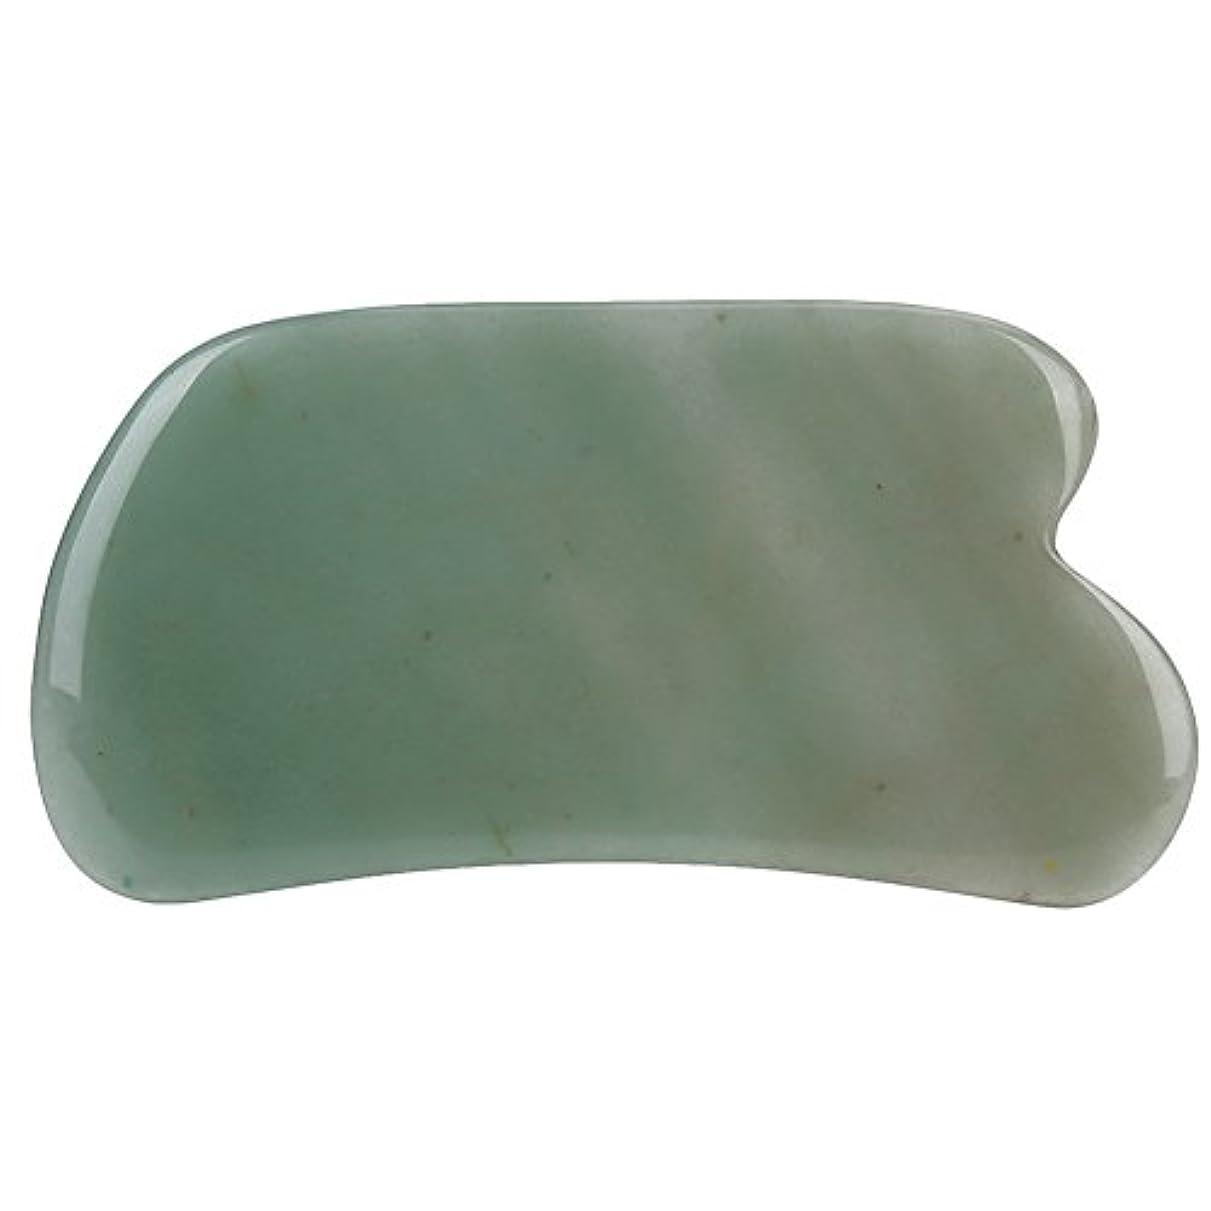 遷移反対したシェアTerGOOSE かっさプレート ローズクォーツ 天然石 かっさマッサージ 美顔 顔・ボディのリンパマッサージ カッサマッサージ道具